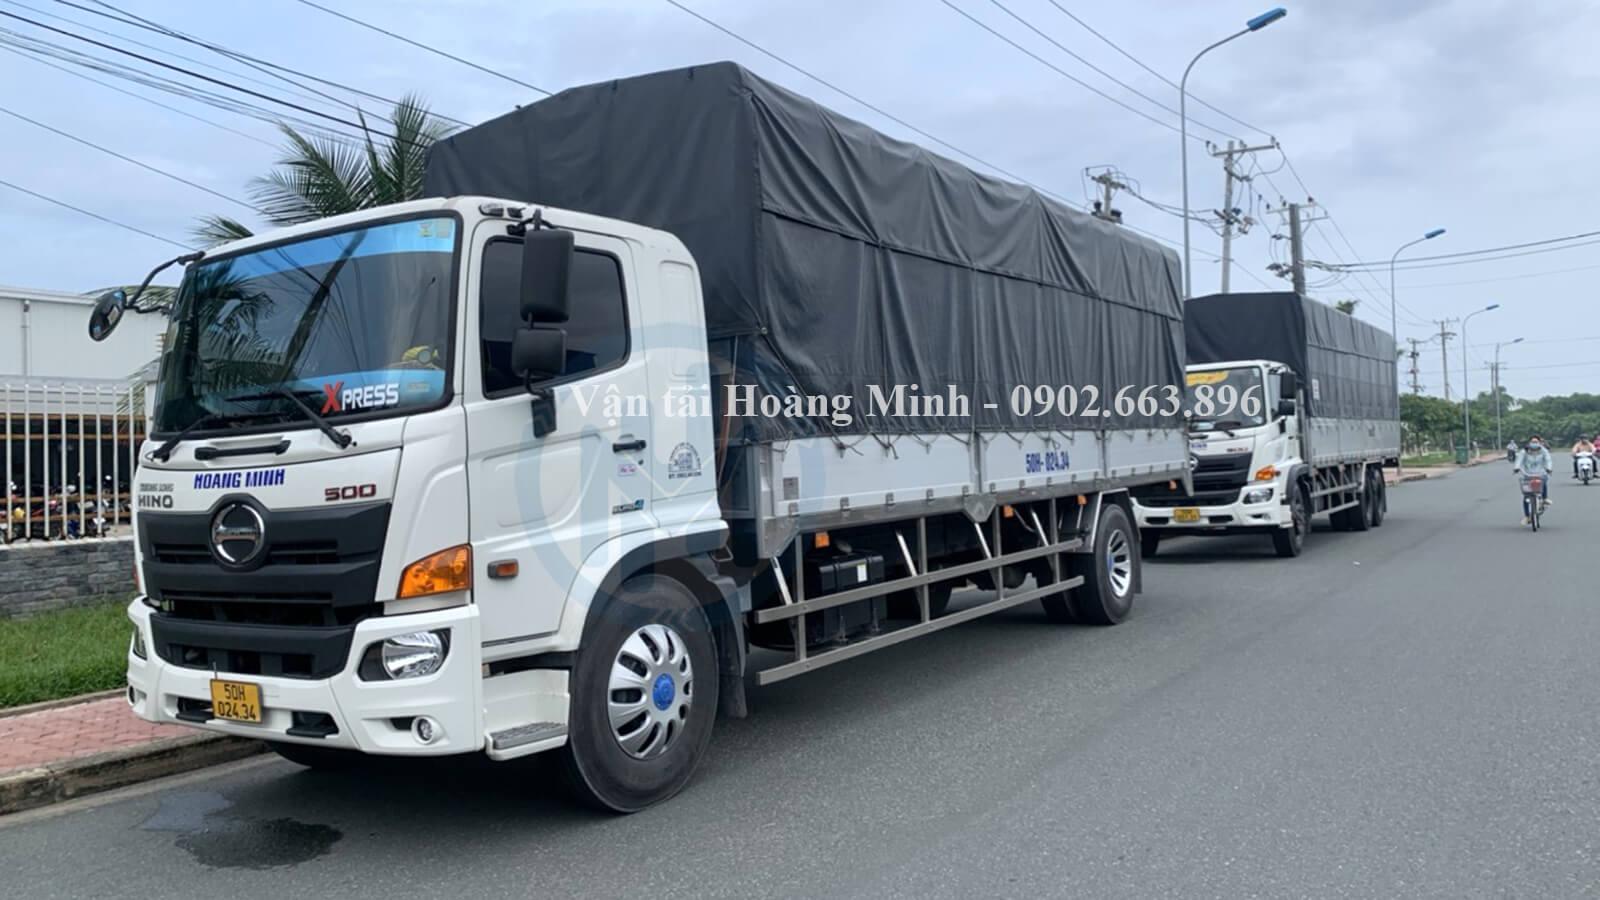 Vận tải Hoàng Minh cho thuê các loại xe tải vận chuyển nào